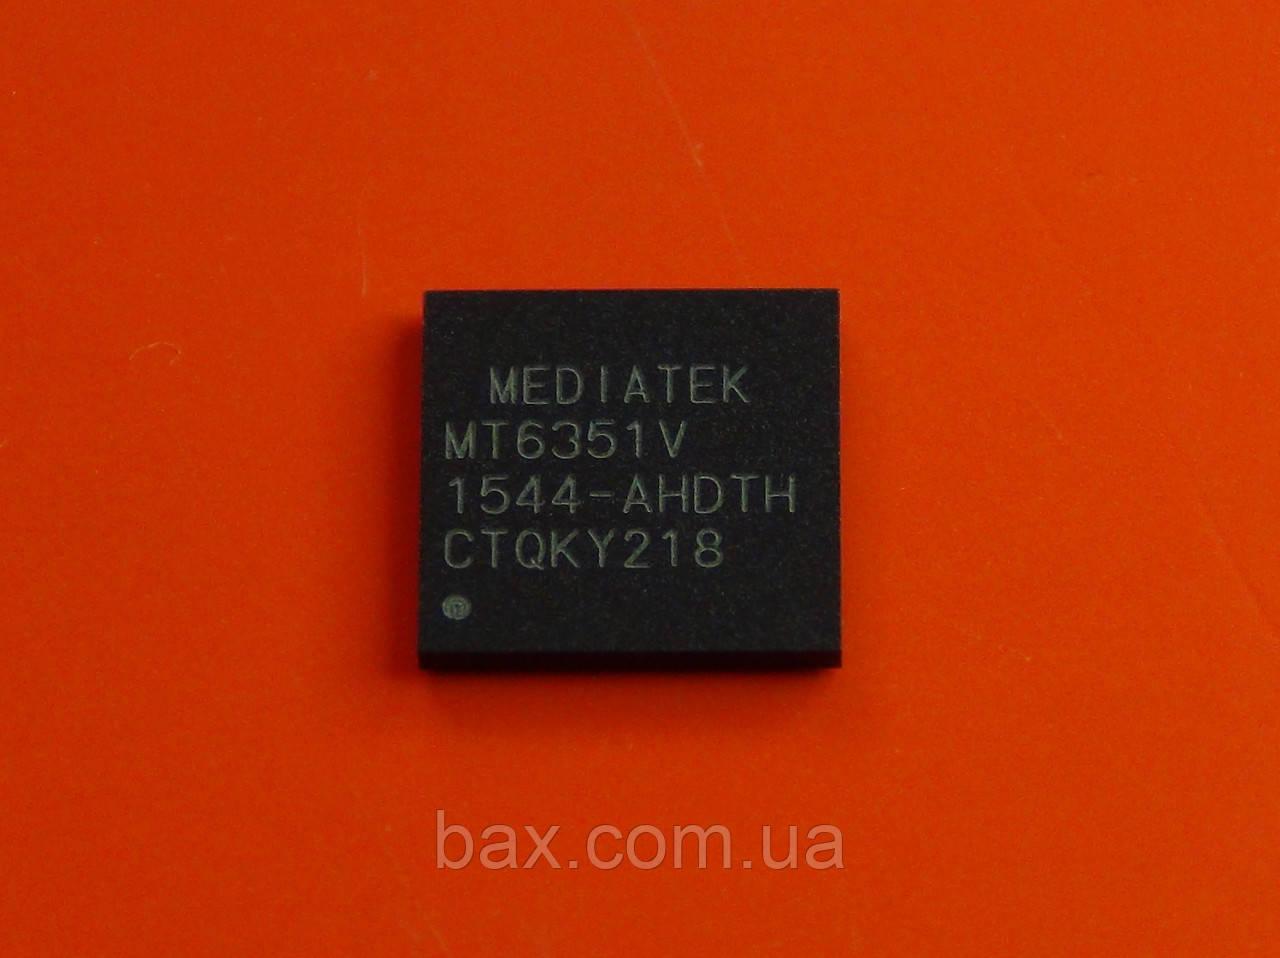 Микросхема контроллер питания MT6351V 15 год AHDTH